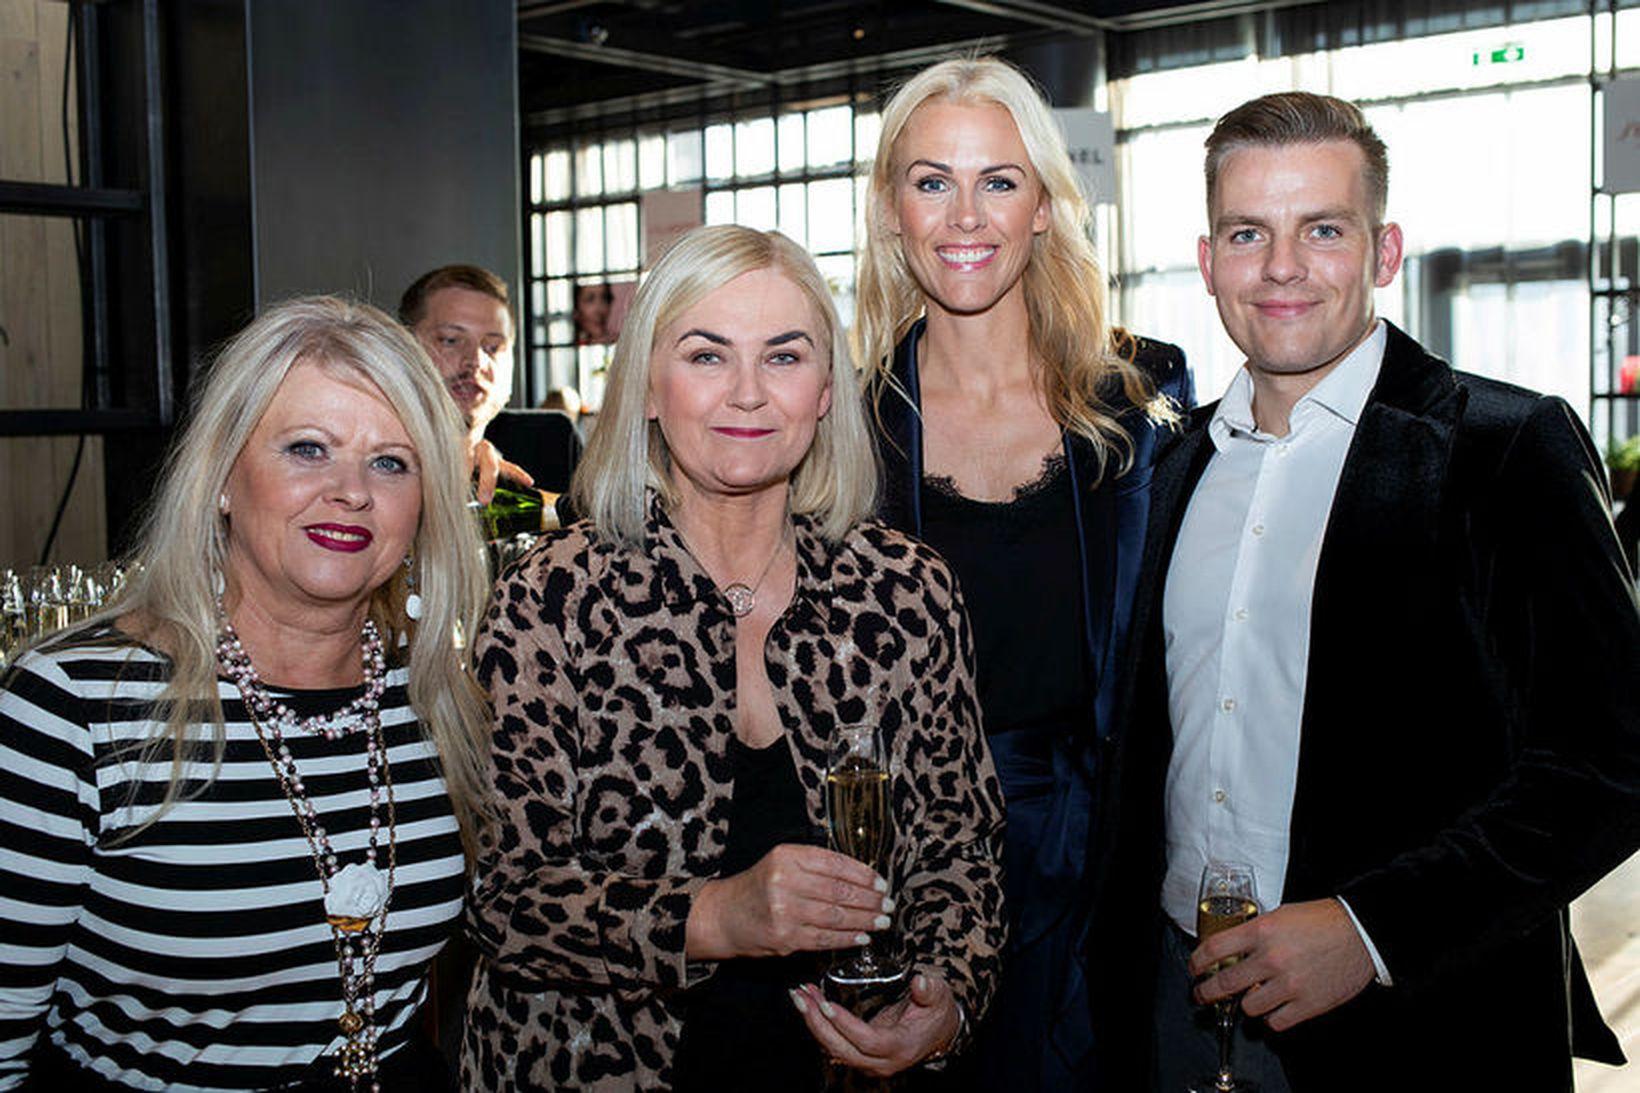 Gréta Boða, Stefanía Eggjertsdóttir, Christina og Kristófer Páll Lentz.